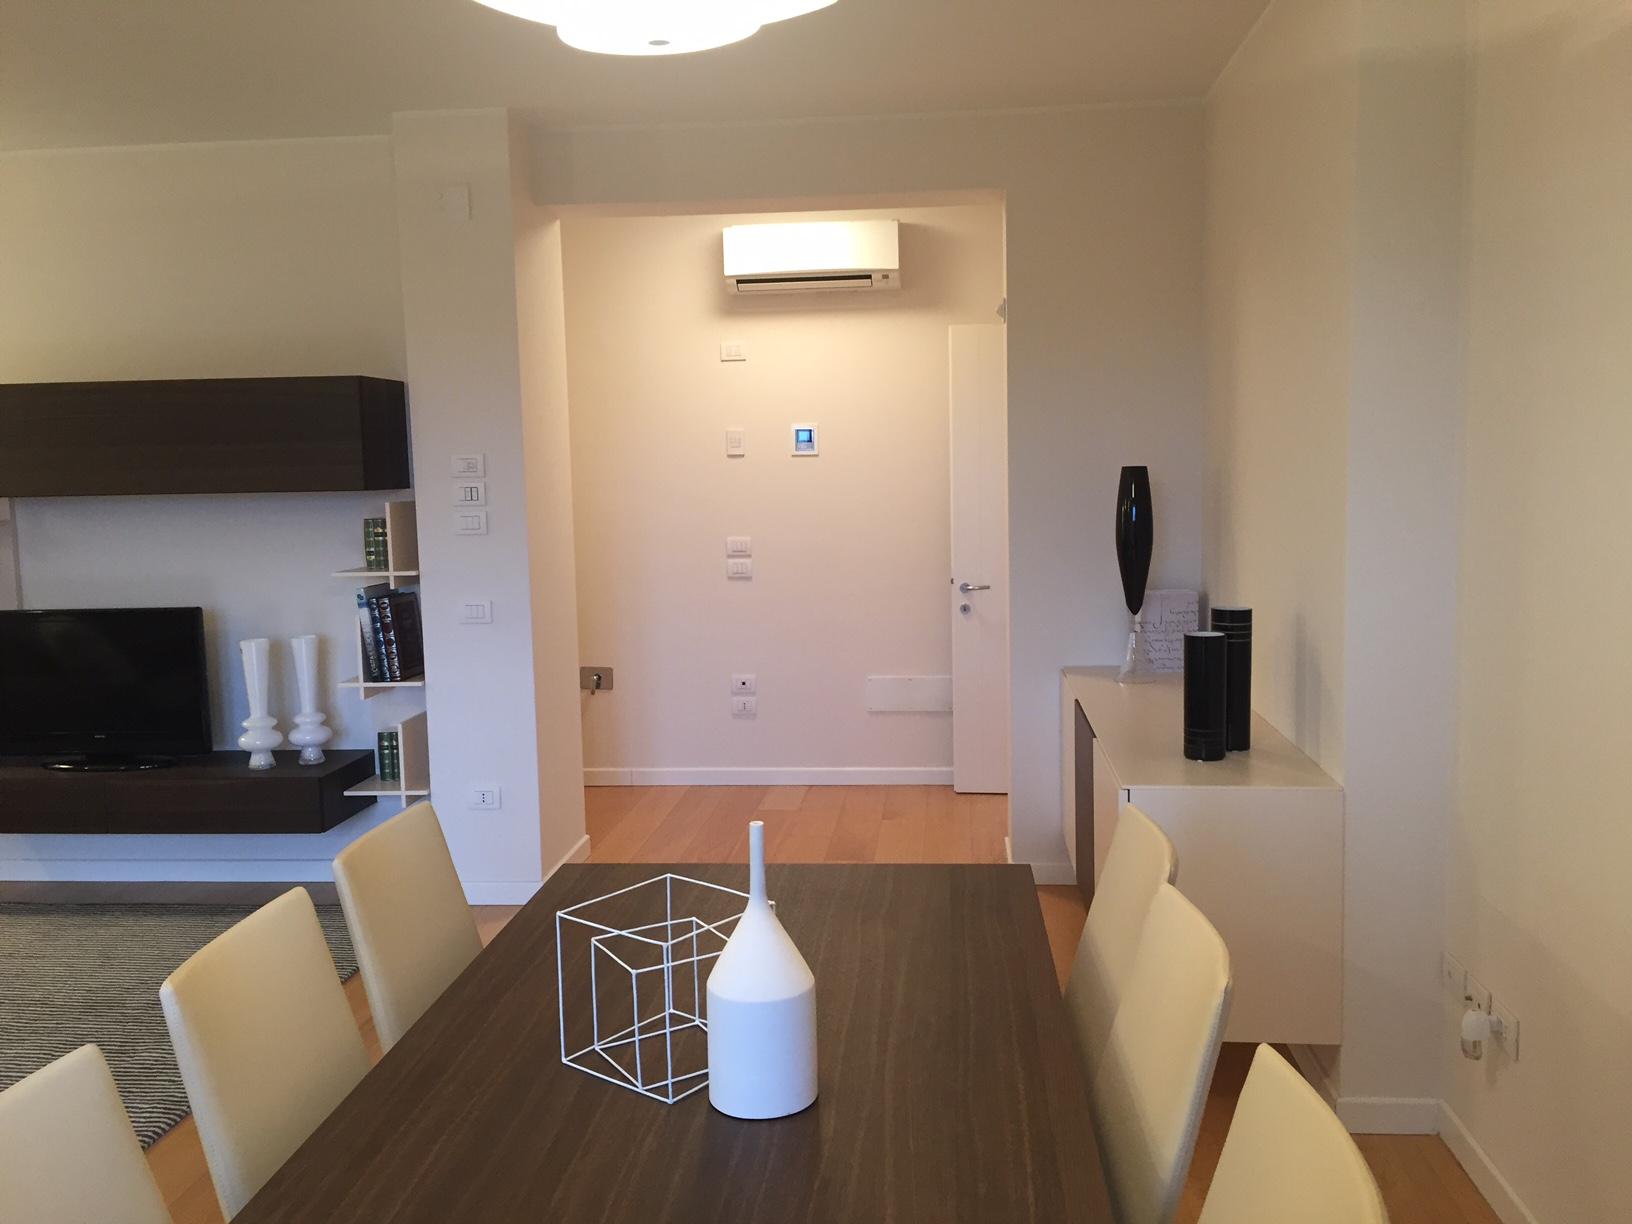 vendita appartamento treviso fuori mura  371000 euro  7 locali  146 mq